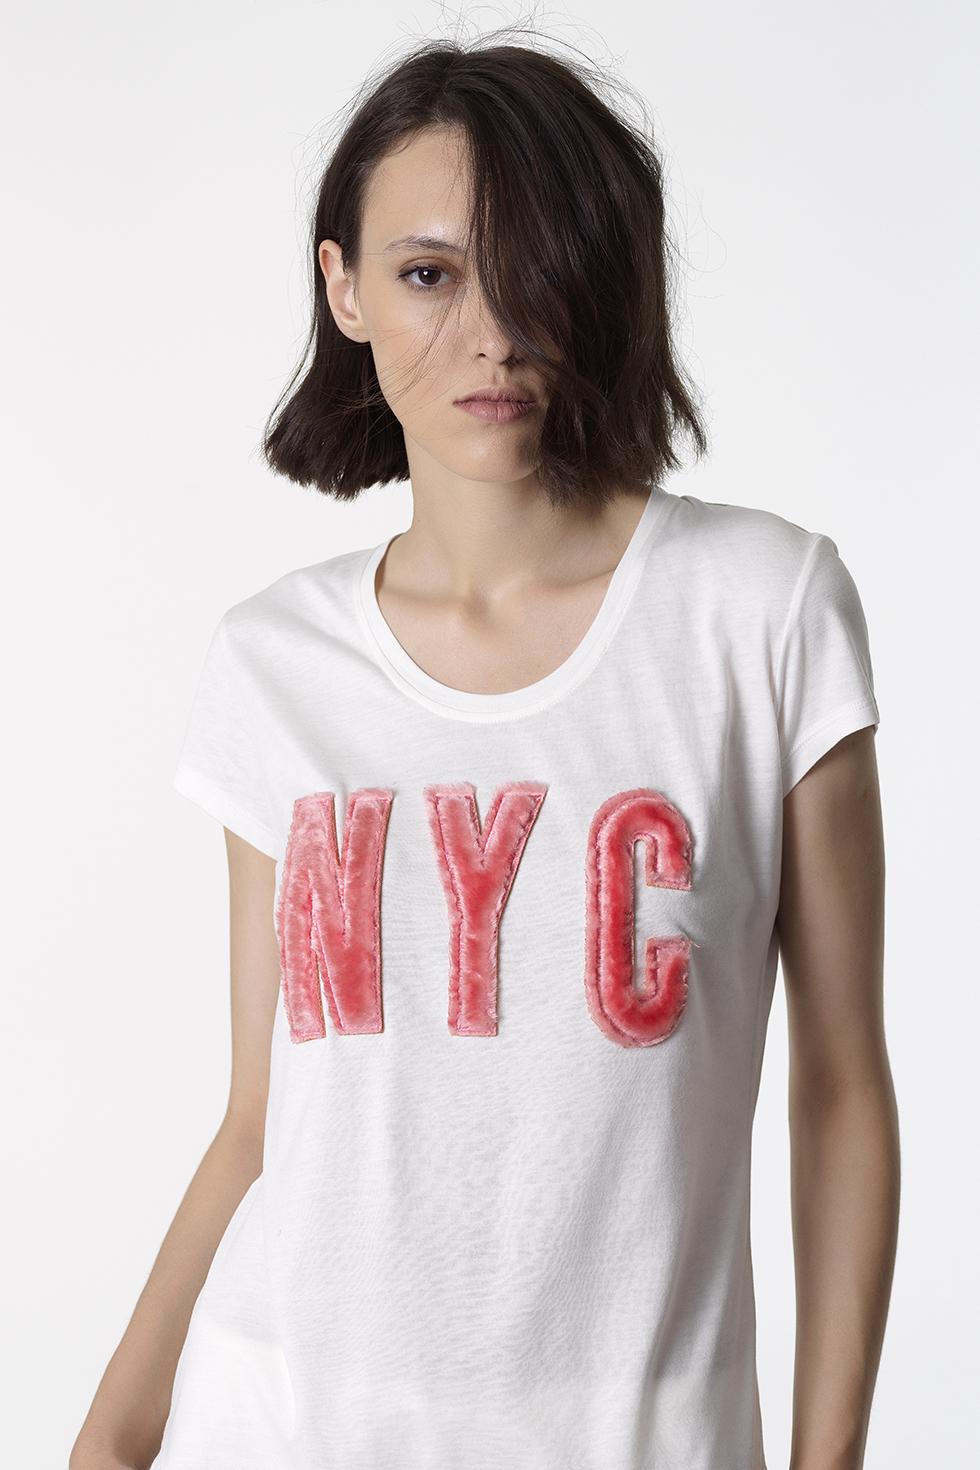 ΛΕΥΚΗ ΚΟΝΤΟΜΑΝΙΚΗ ΜΠΛΟΥΖΑ 'NYC' - ΛΕΥΚΟ ΤΟΥ ΠΑΓΟΥ